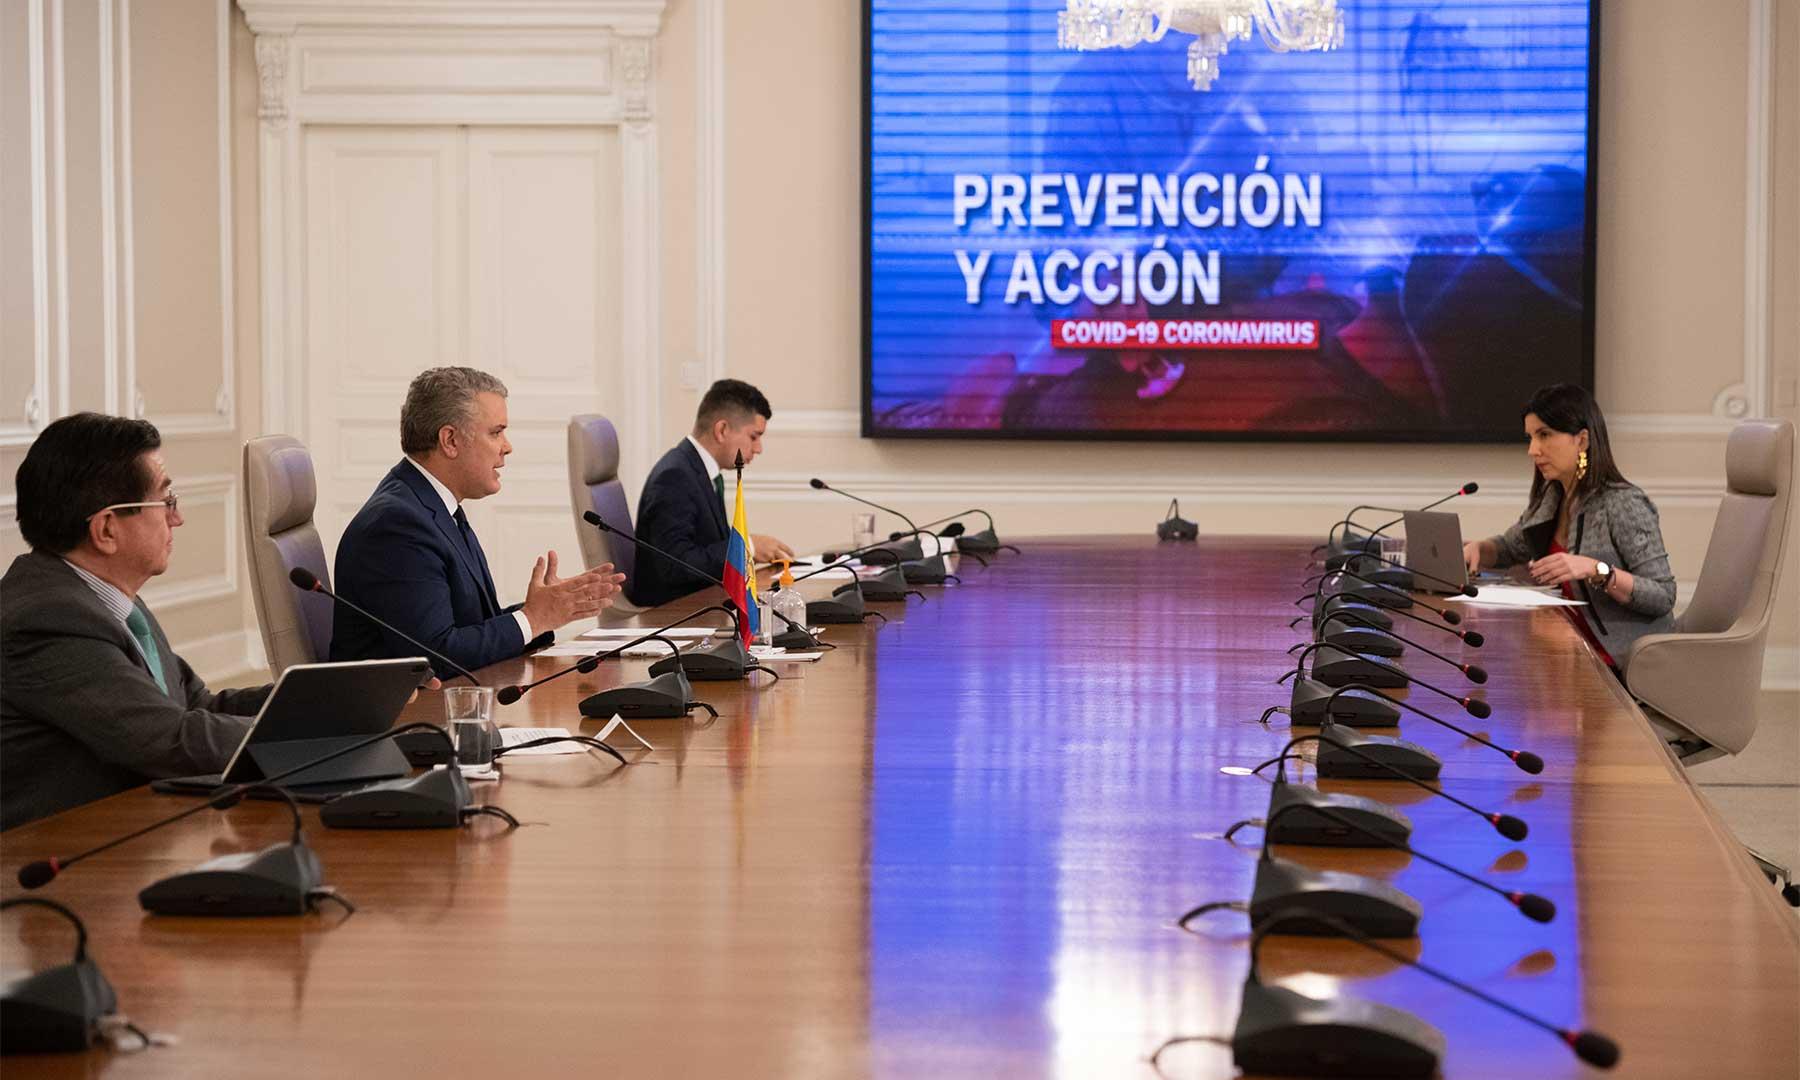 El Presidente Duque informó este martes, en 'Prevención y Acción', que el 56.1% de afectados por el covid-19 ya están recuperados.